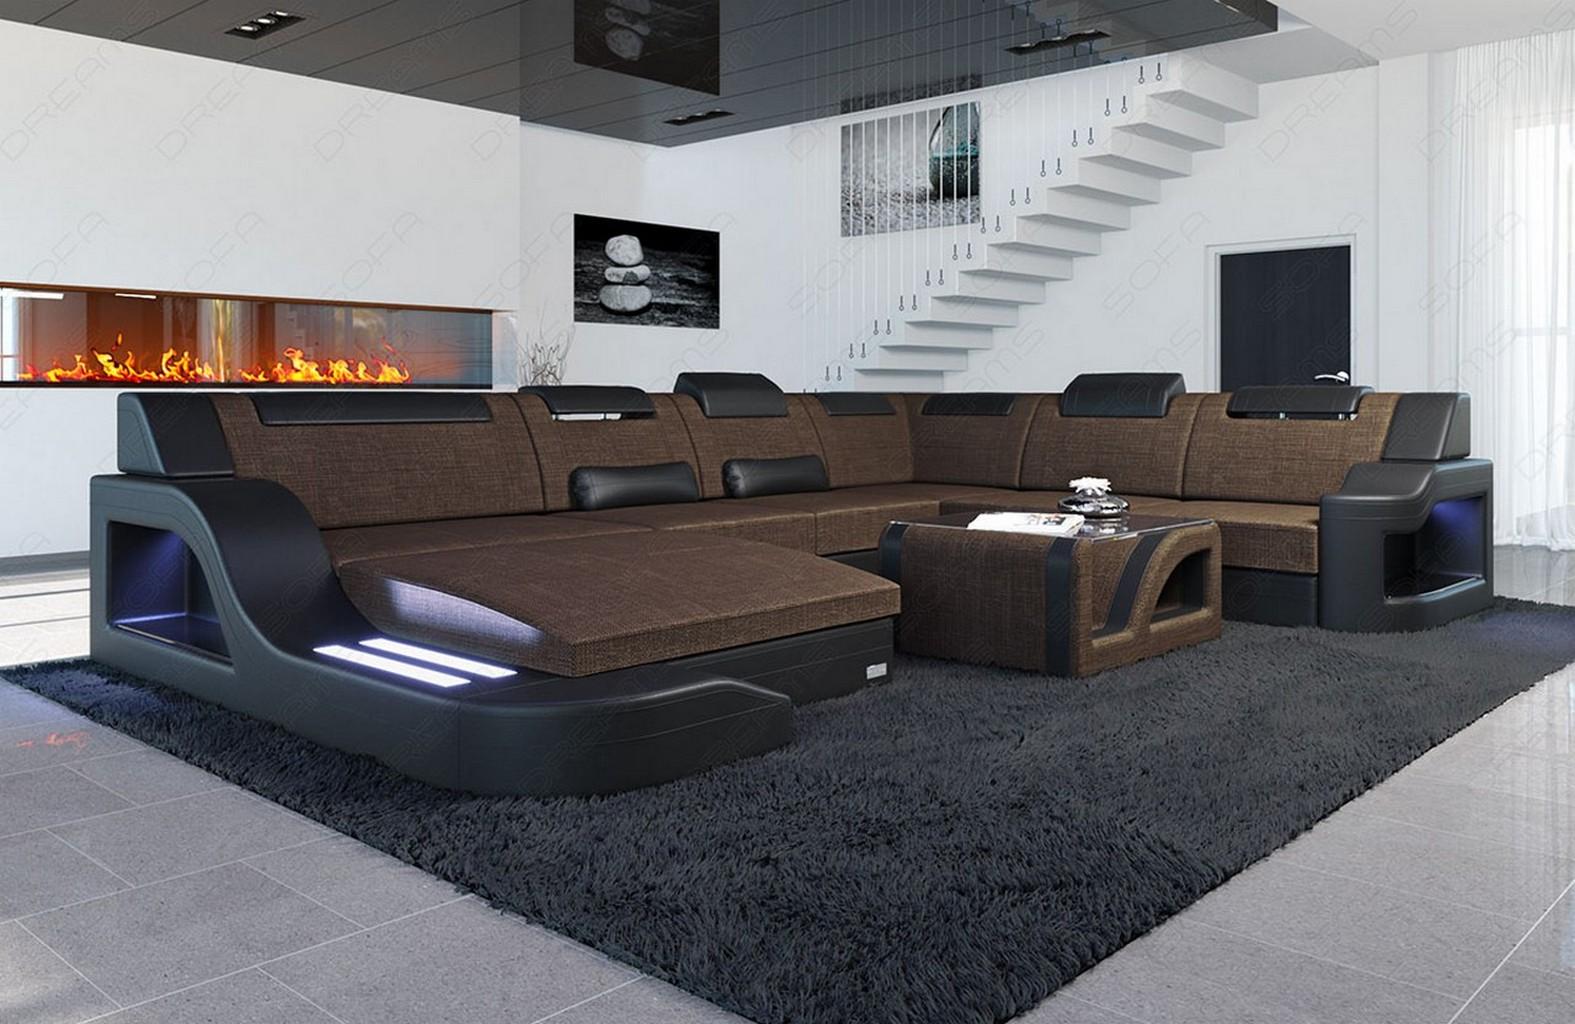 wohnlandschaft palermo xxl form braun mit led. Black Bedroom Furniture Sets. Home Design Ideas